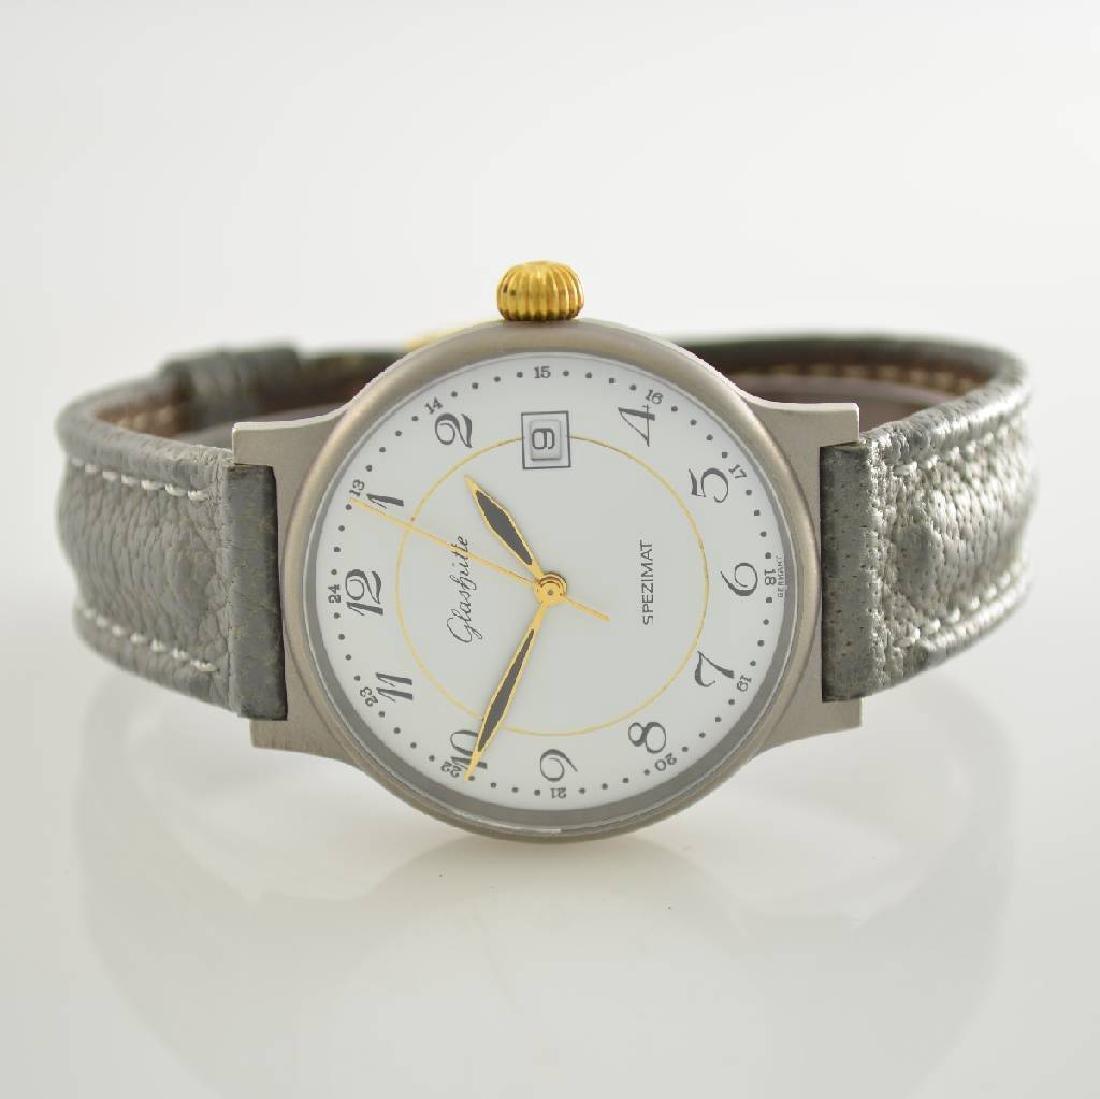 GLASHUTTE gents wristwatch model Spezimat